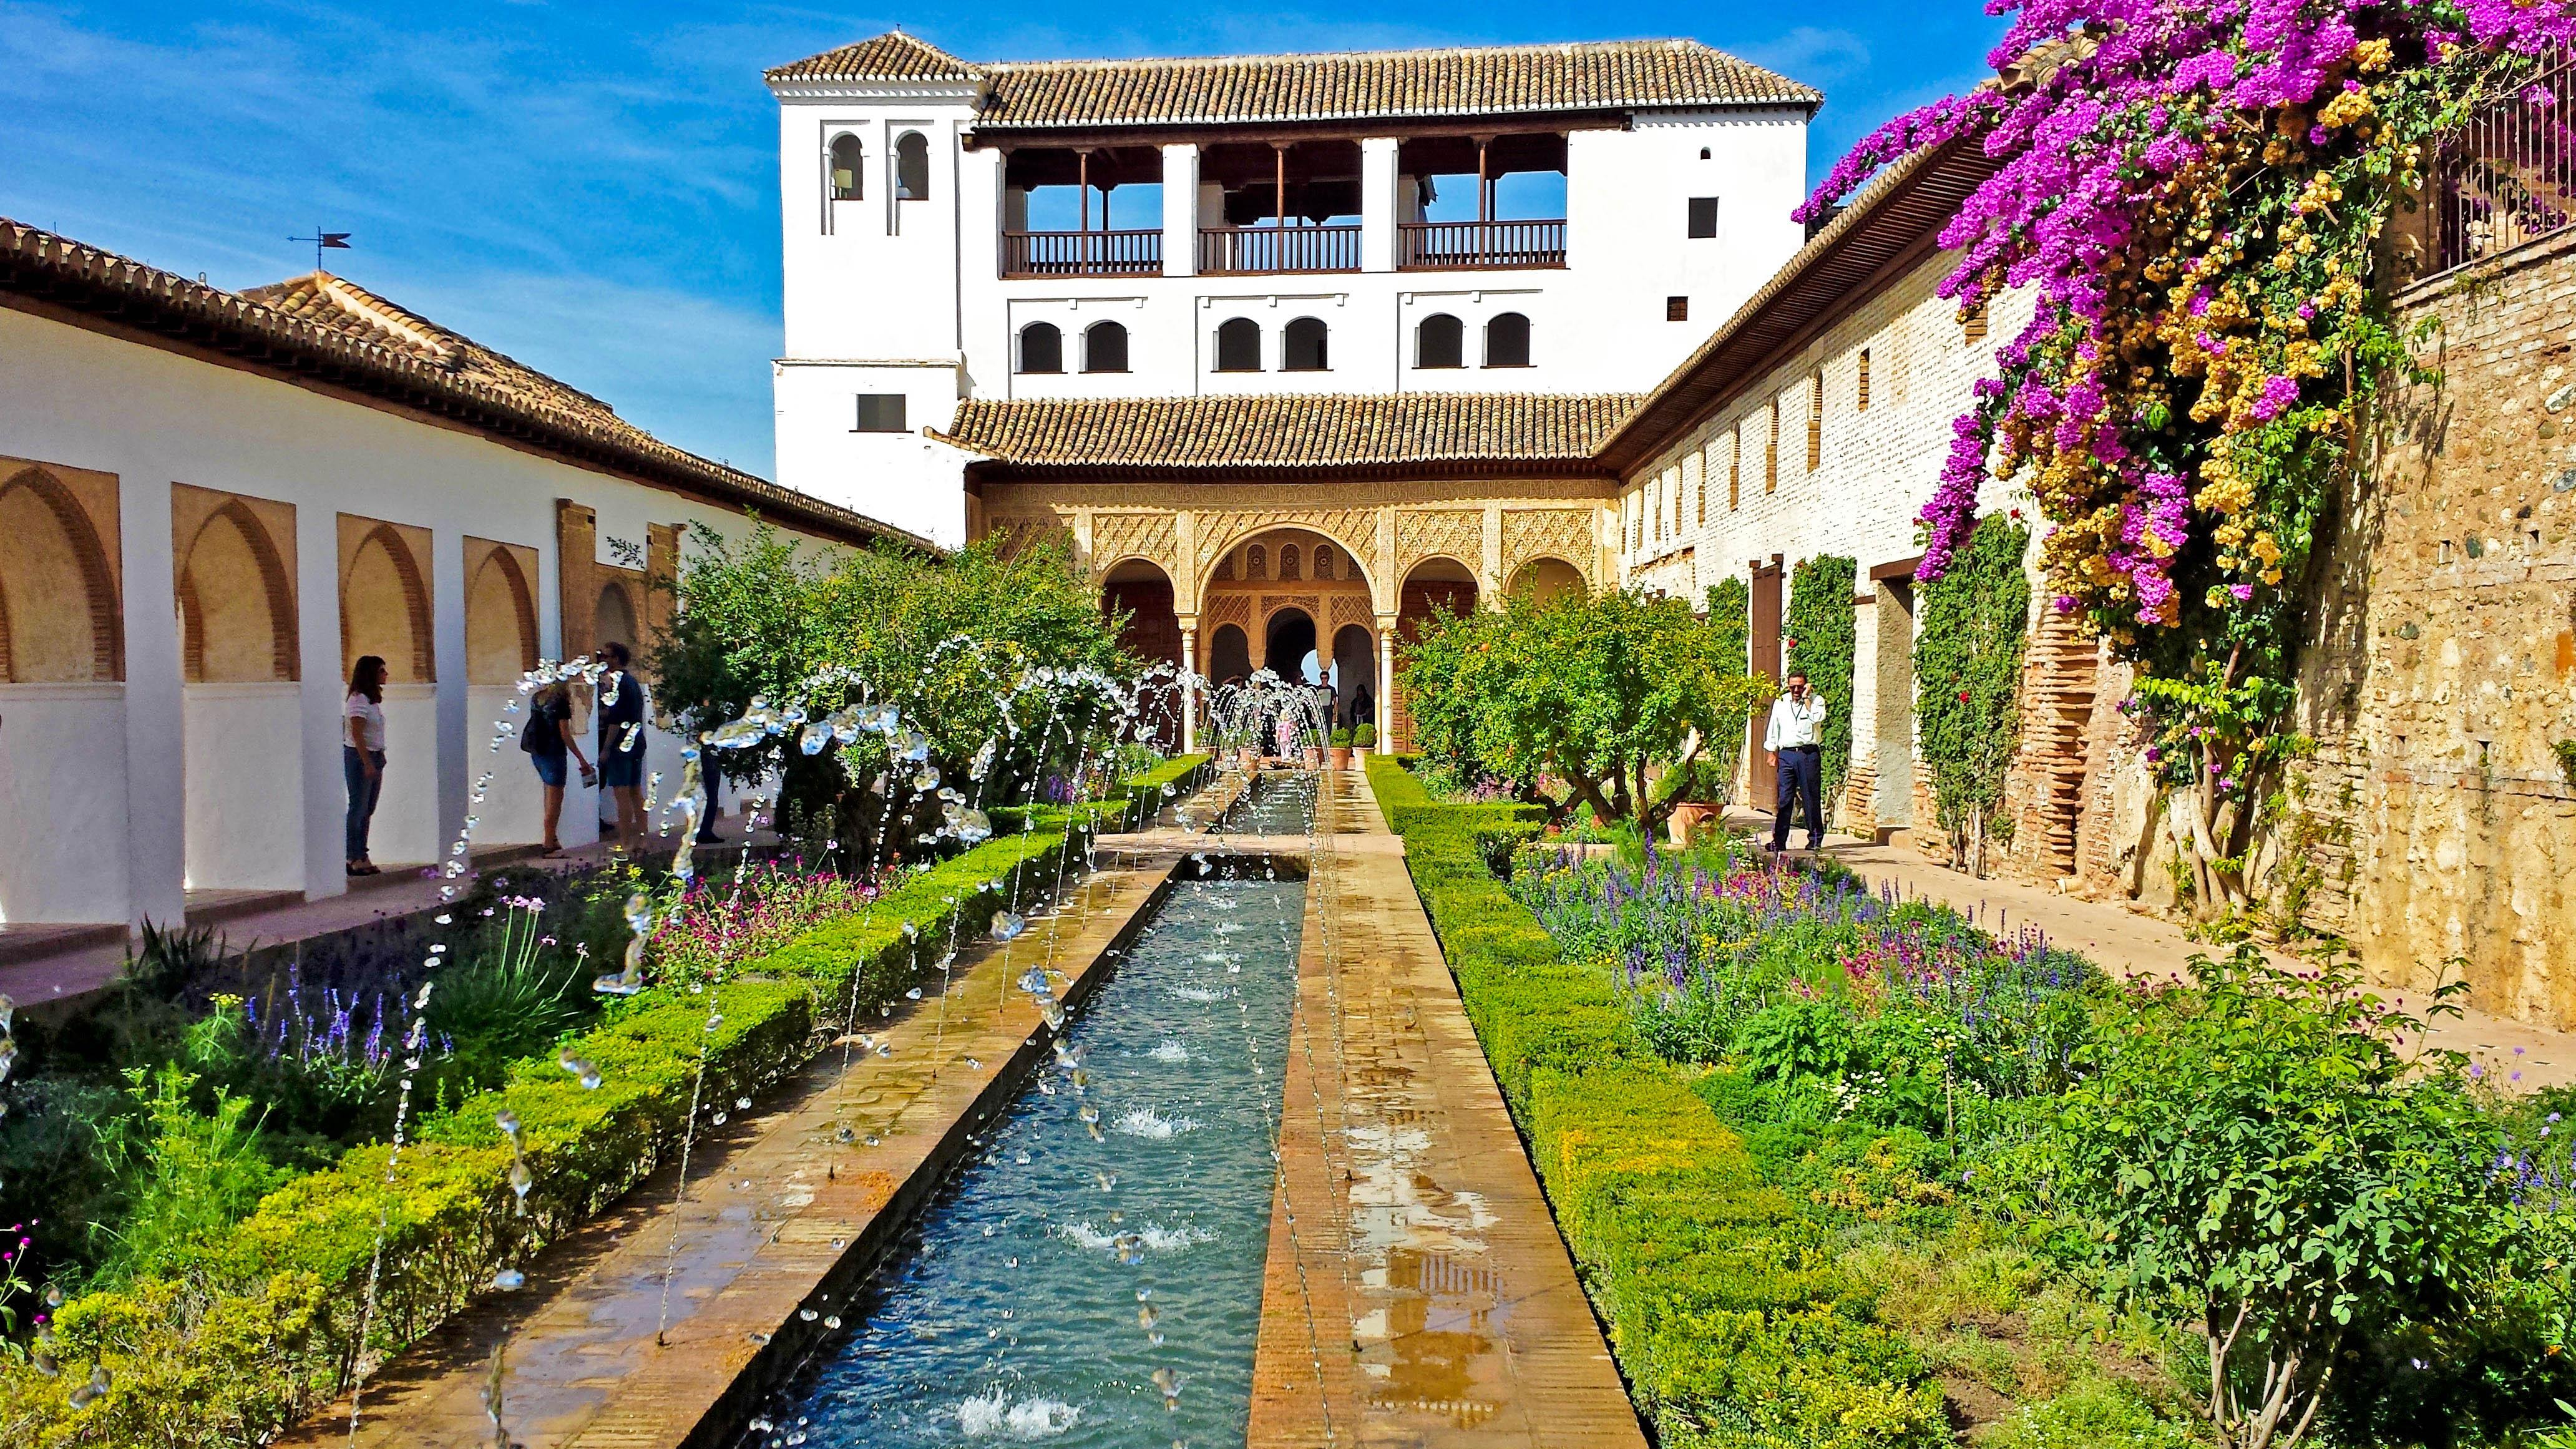 Іспанія Альгамбра Гранада Андалусія